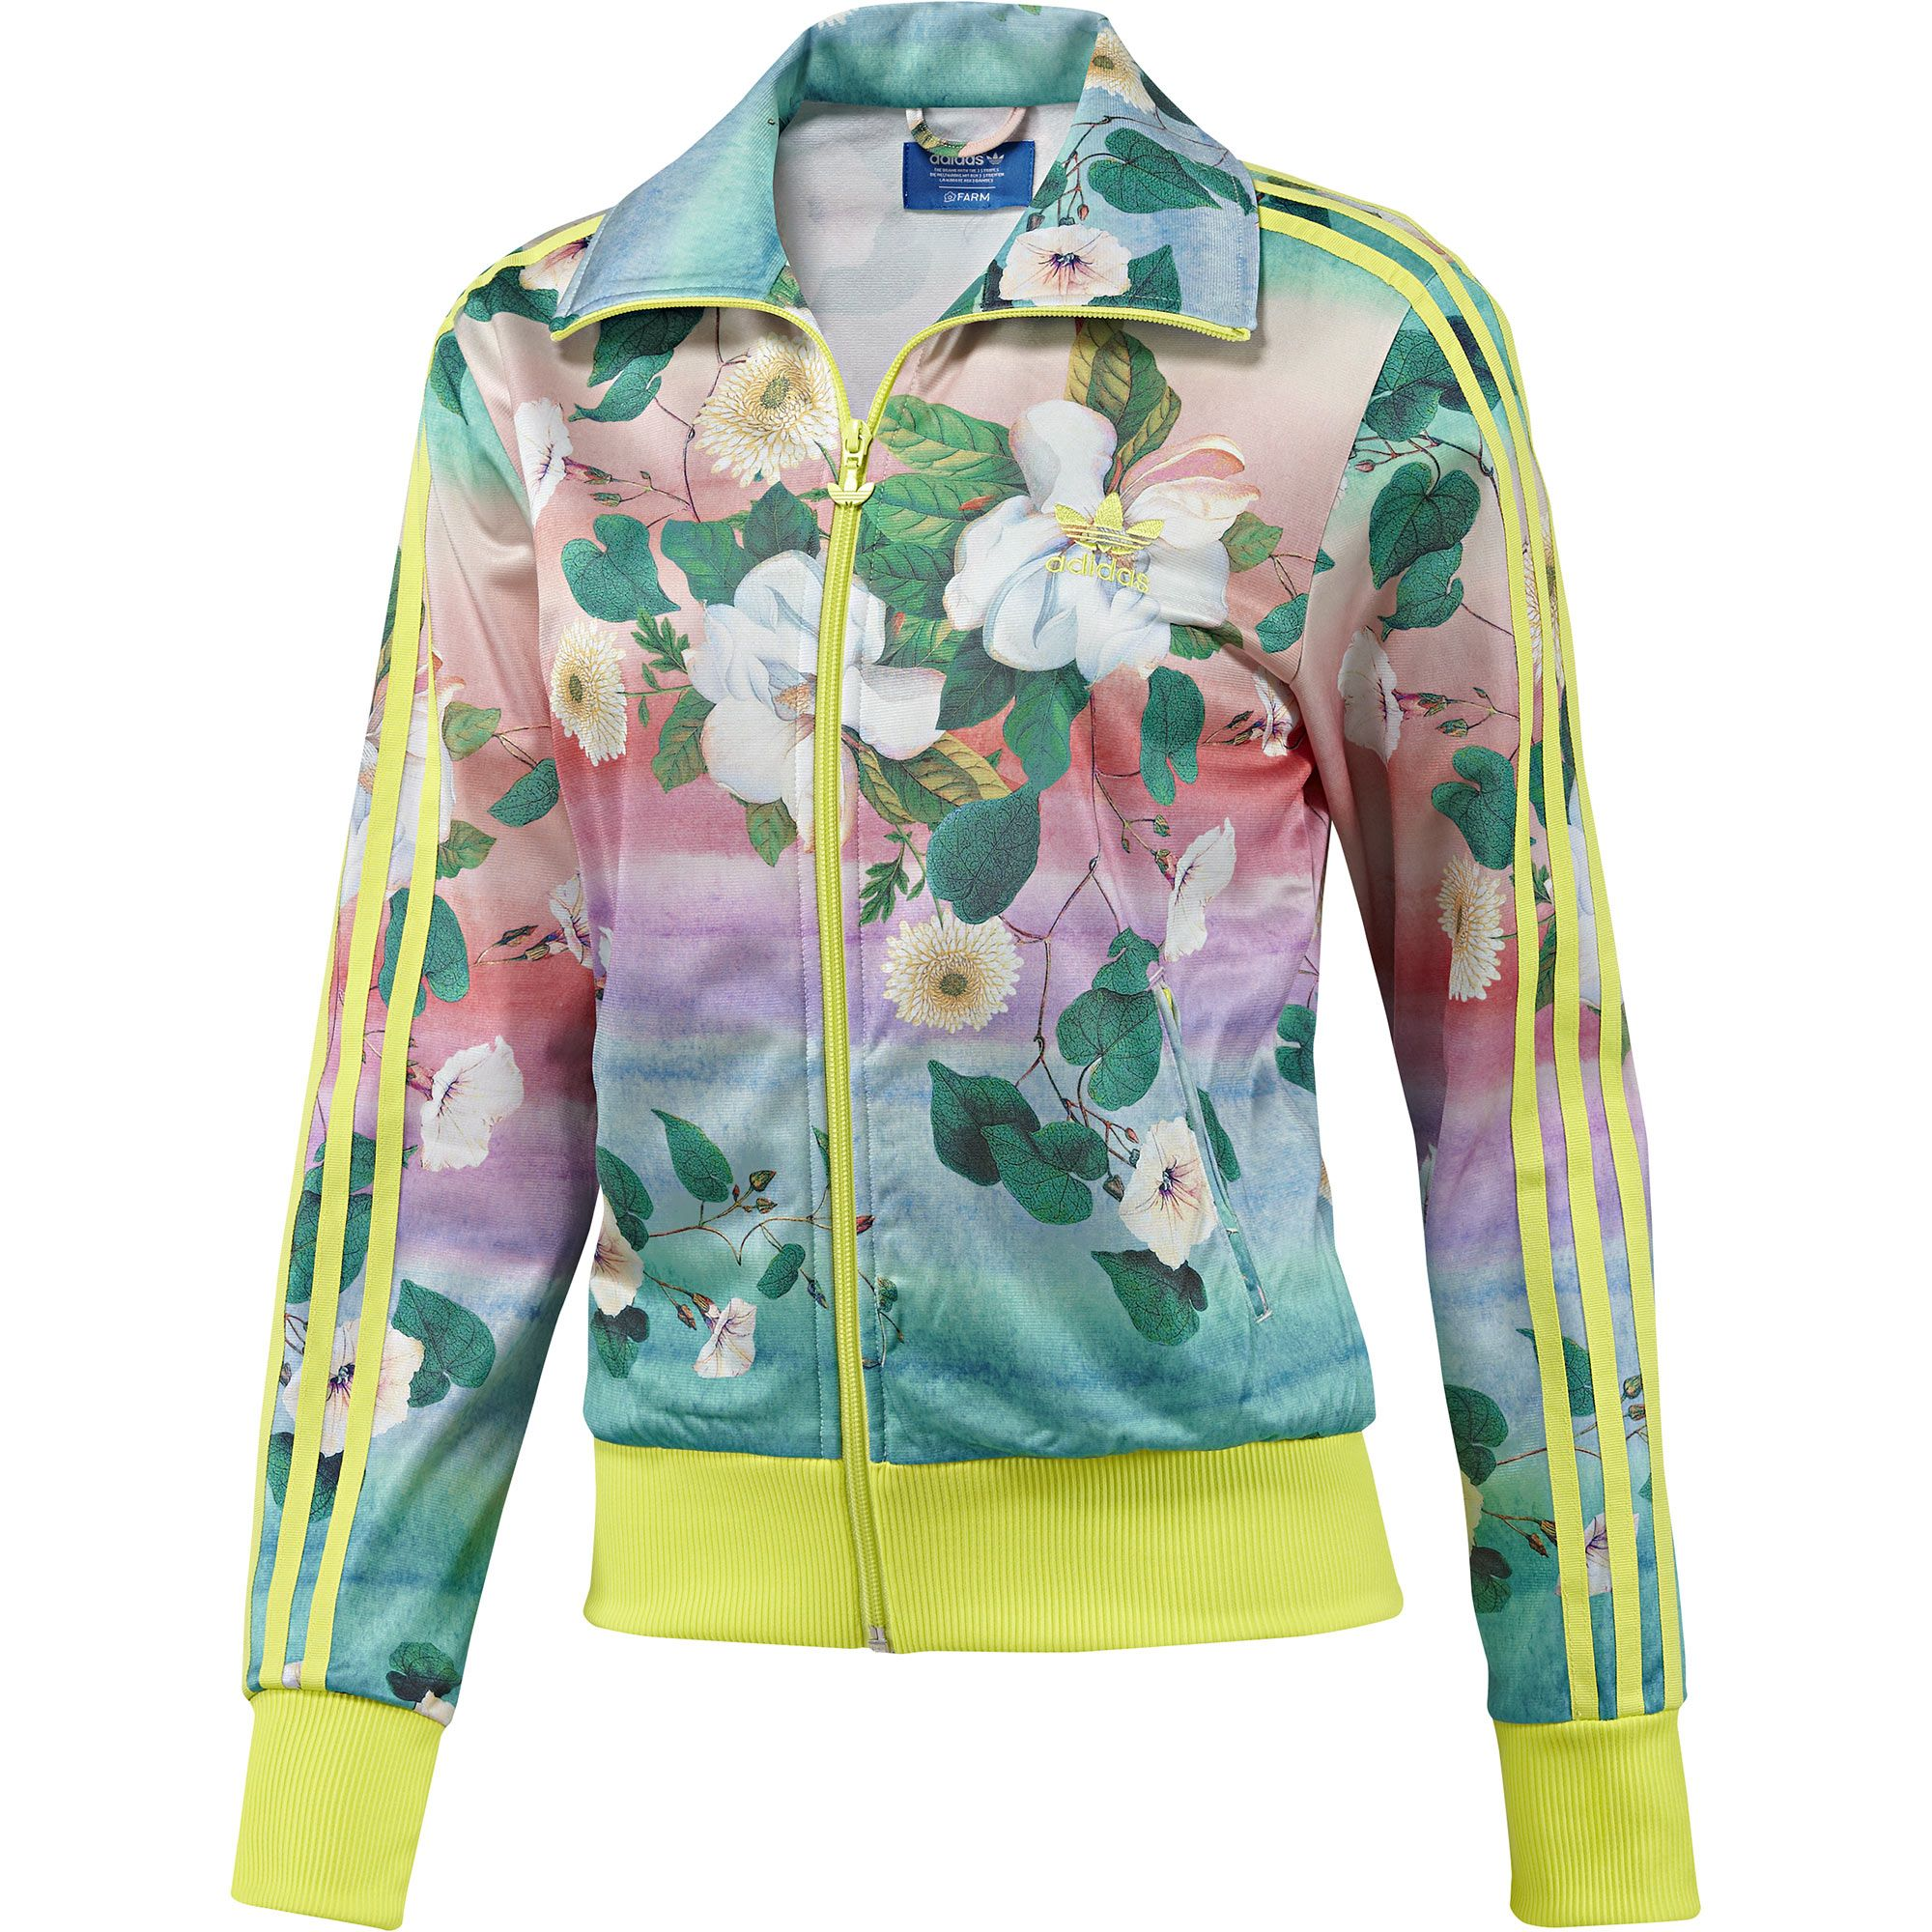 6110f4c9a1e544 adidas Campera Originals Floralina FARM Mujer | adidas Argentina ...